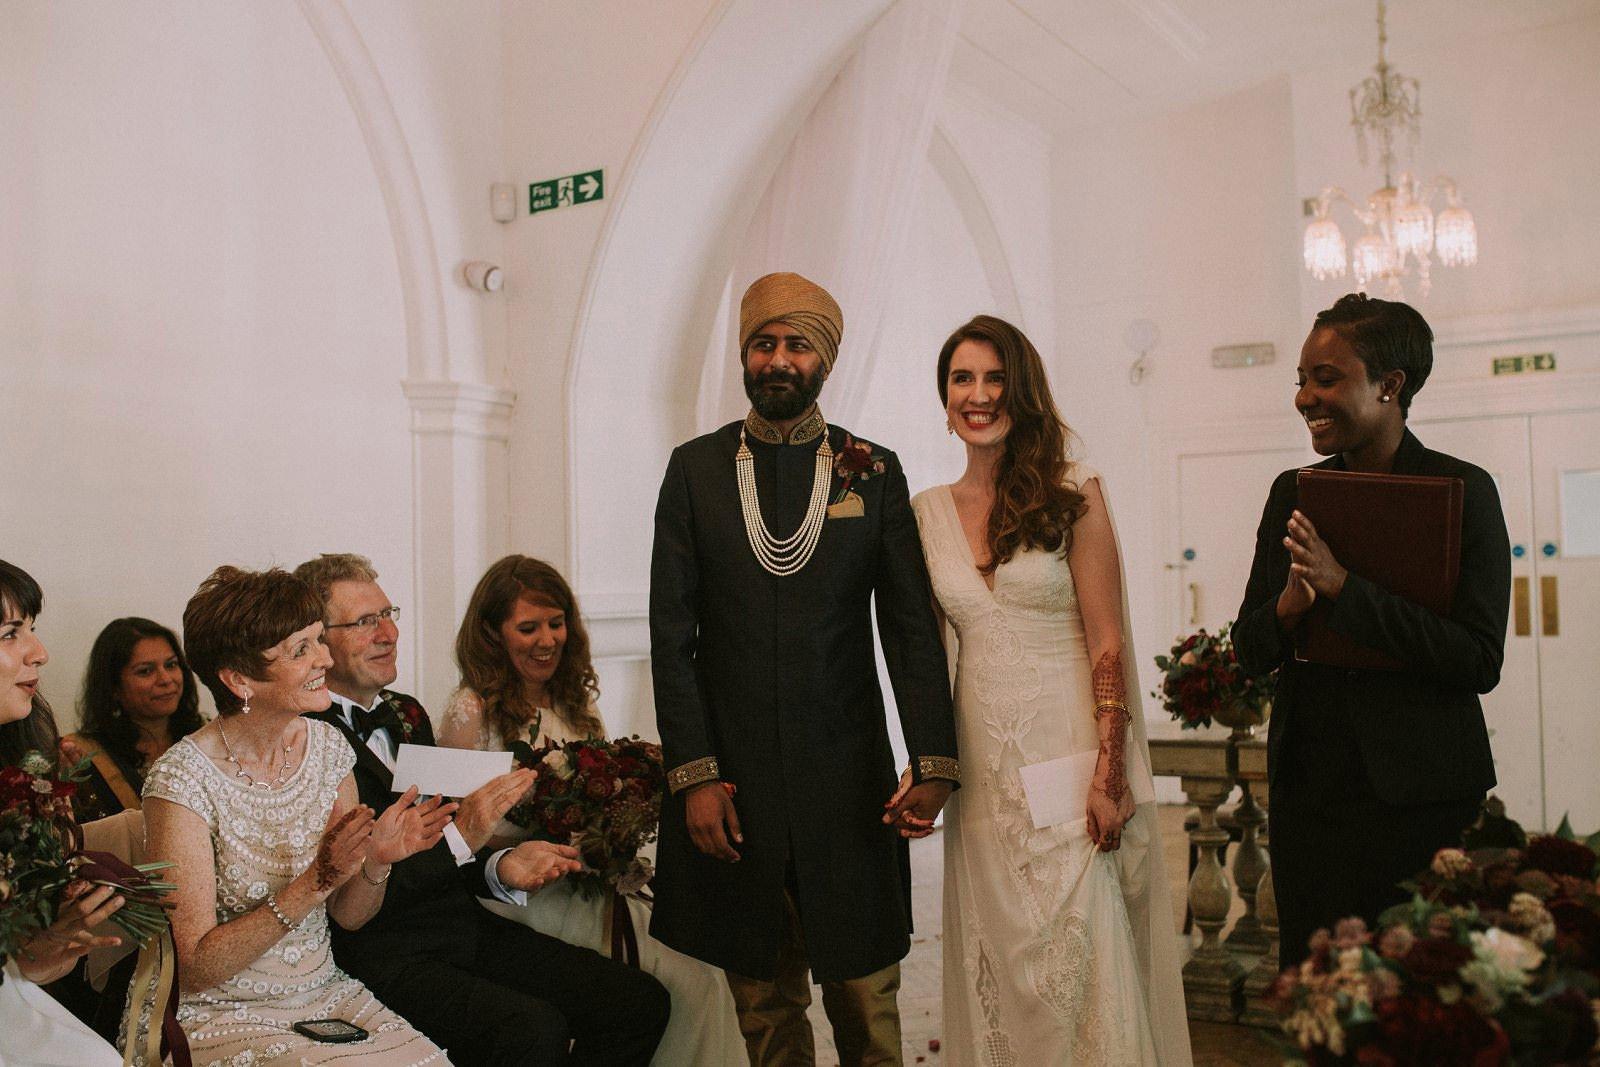 006-one-marylebone-wedding-london-photography